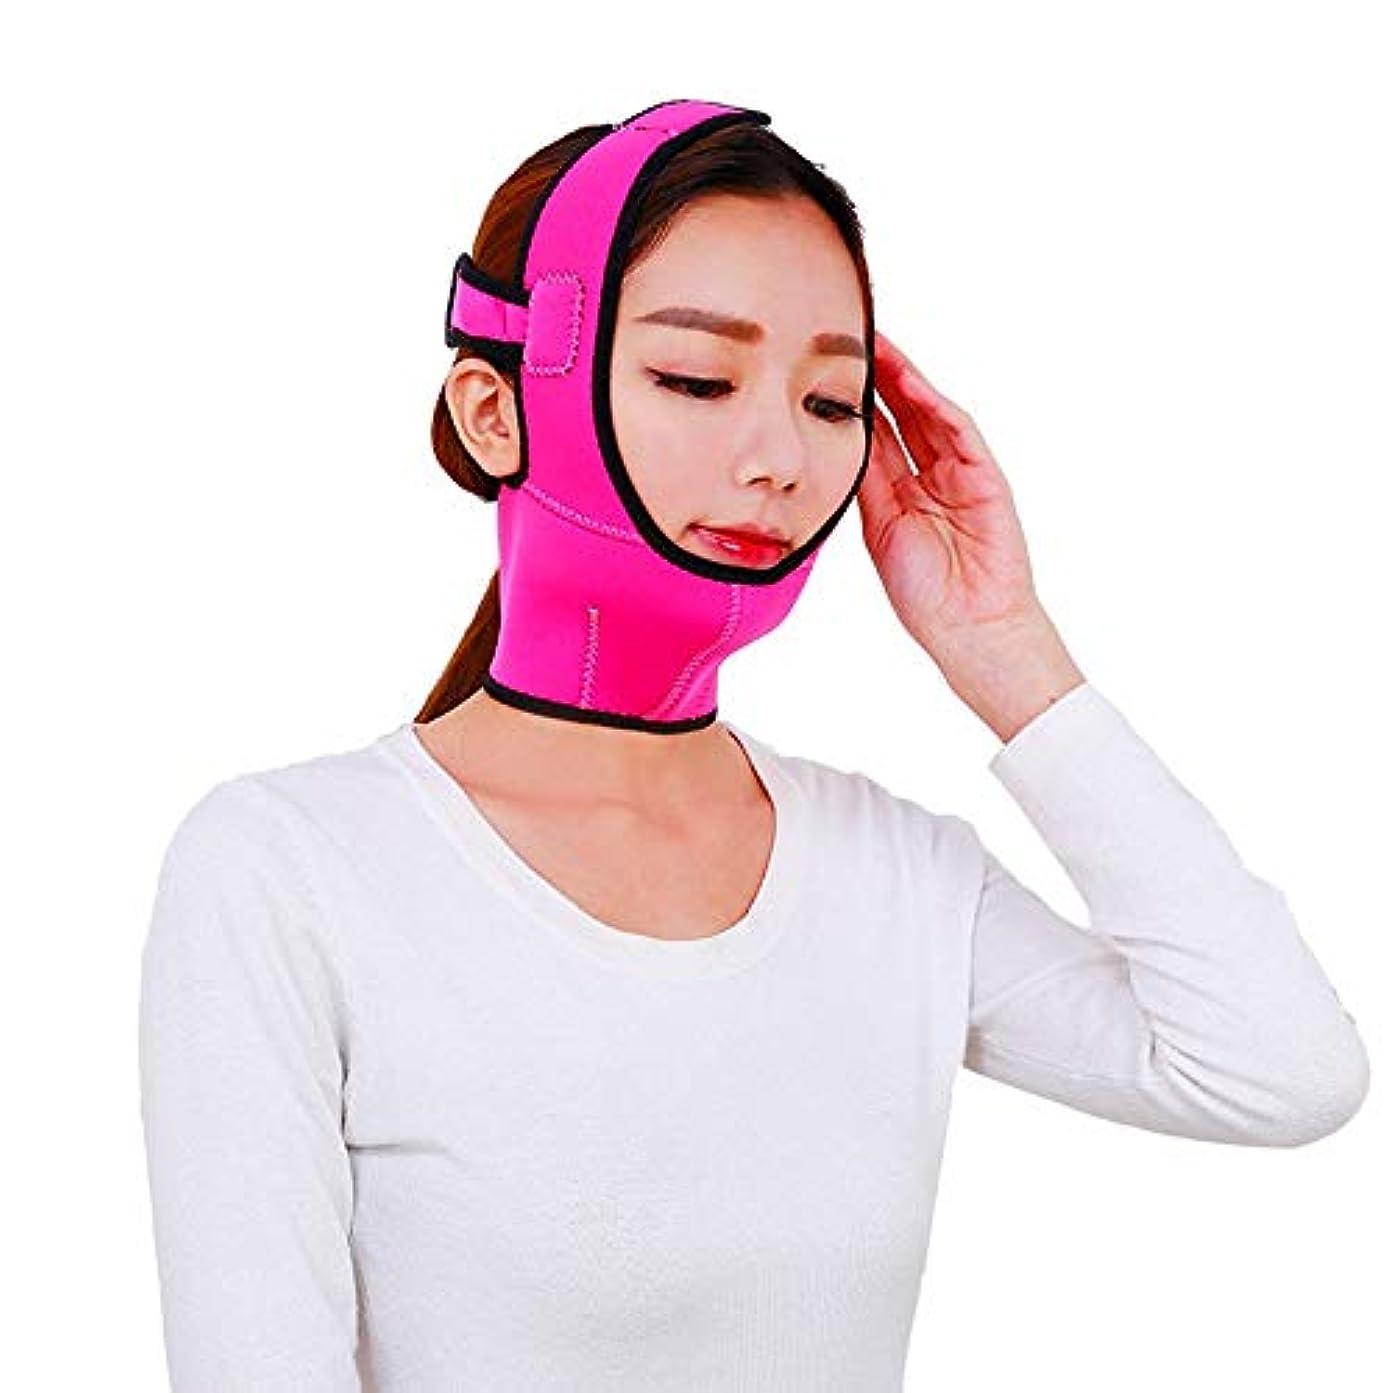 知覚する意図する可聴Jia Jia- フェイシャルリフティング痩身ベルト - 薄いフェイス包帯フェイスマスクベルトフリーフェイシャルマッサージ整形マスクダブルチンワークアウト 顔面包帯